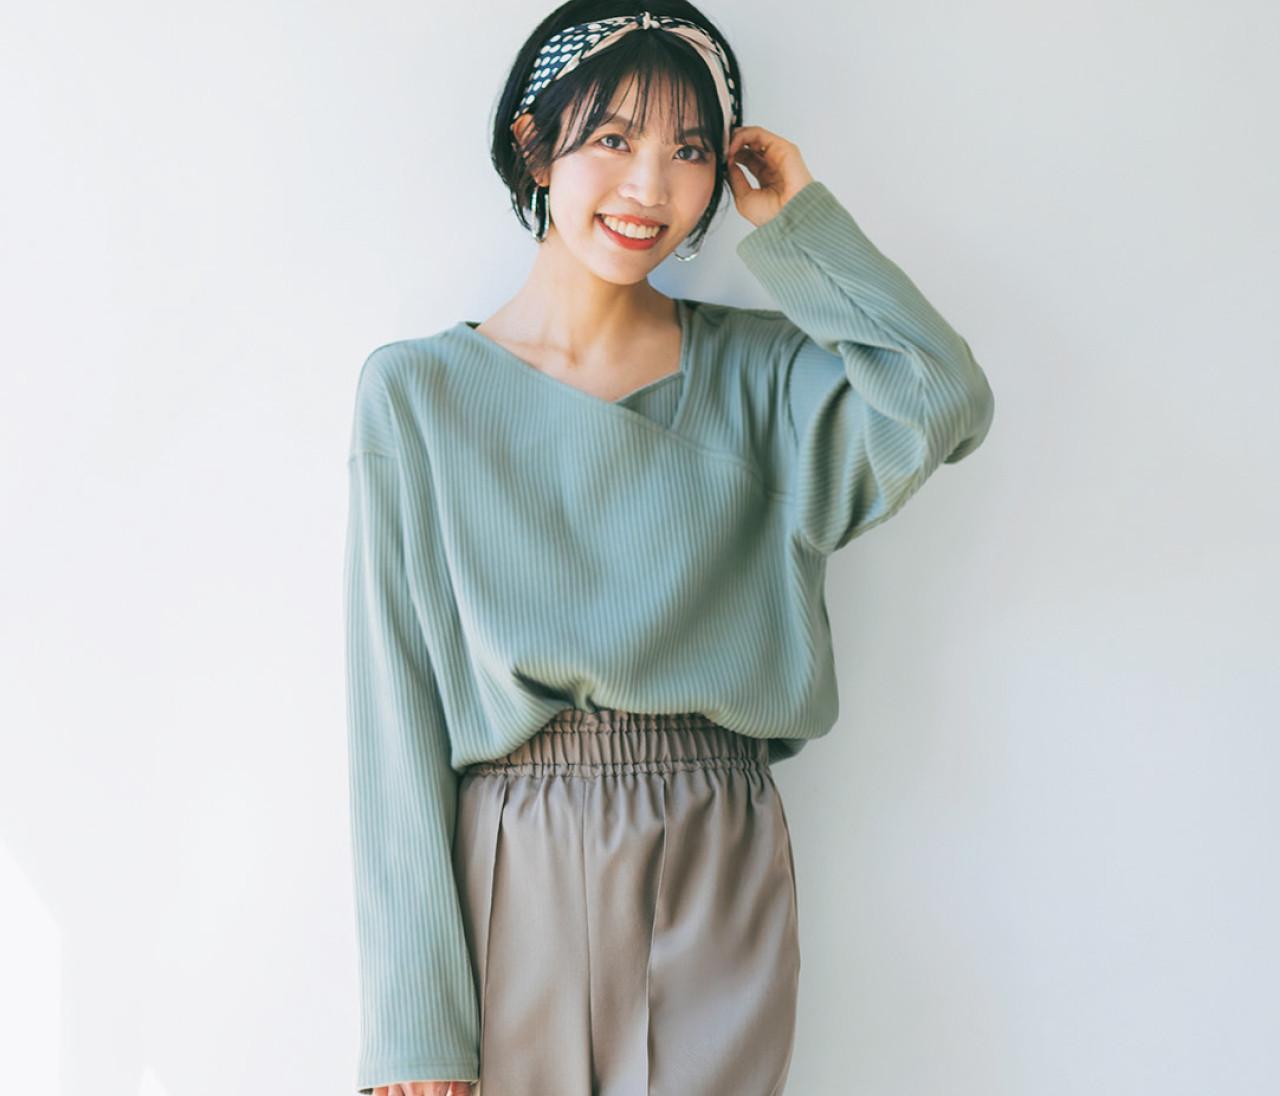 パンツ好きで似たようなタイプばかり買ってしまう私。マンネリを解消してくれる春の最新パンツは?【似合うワードローブ診断2】